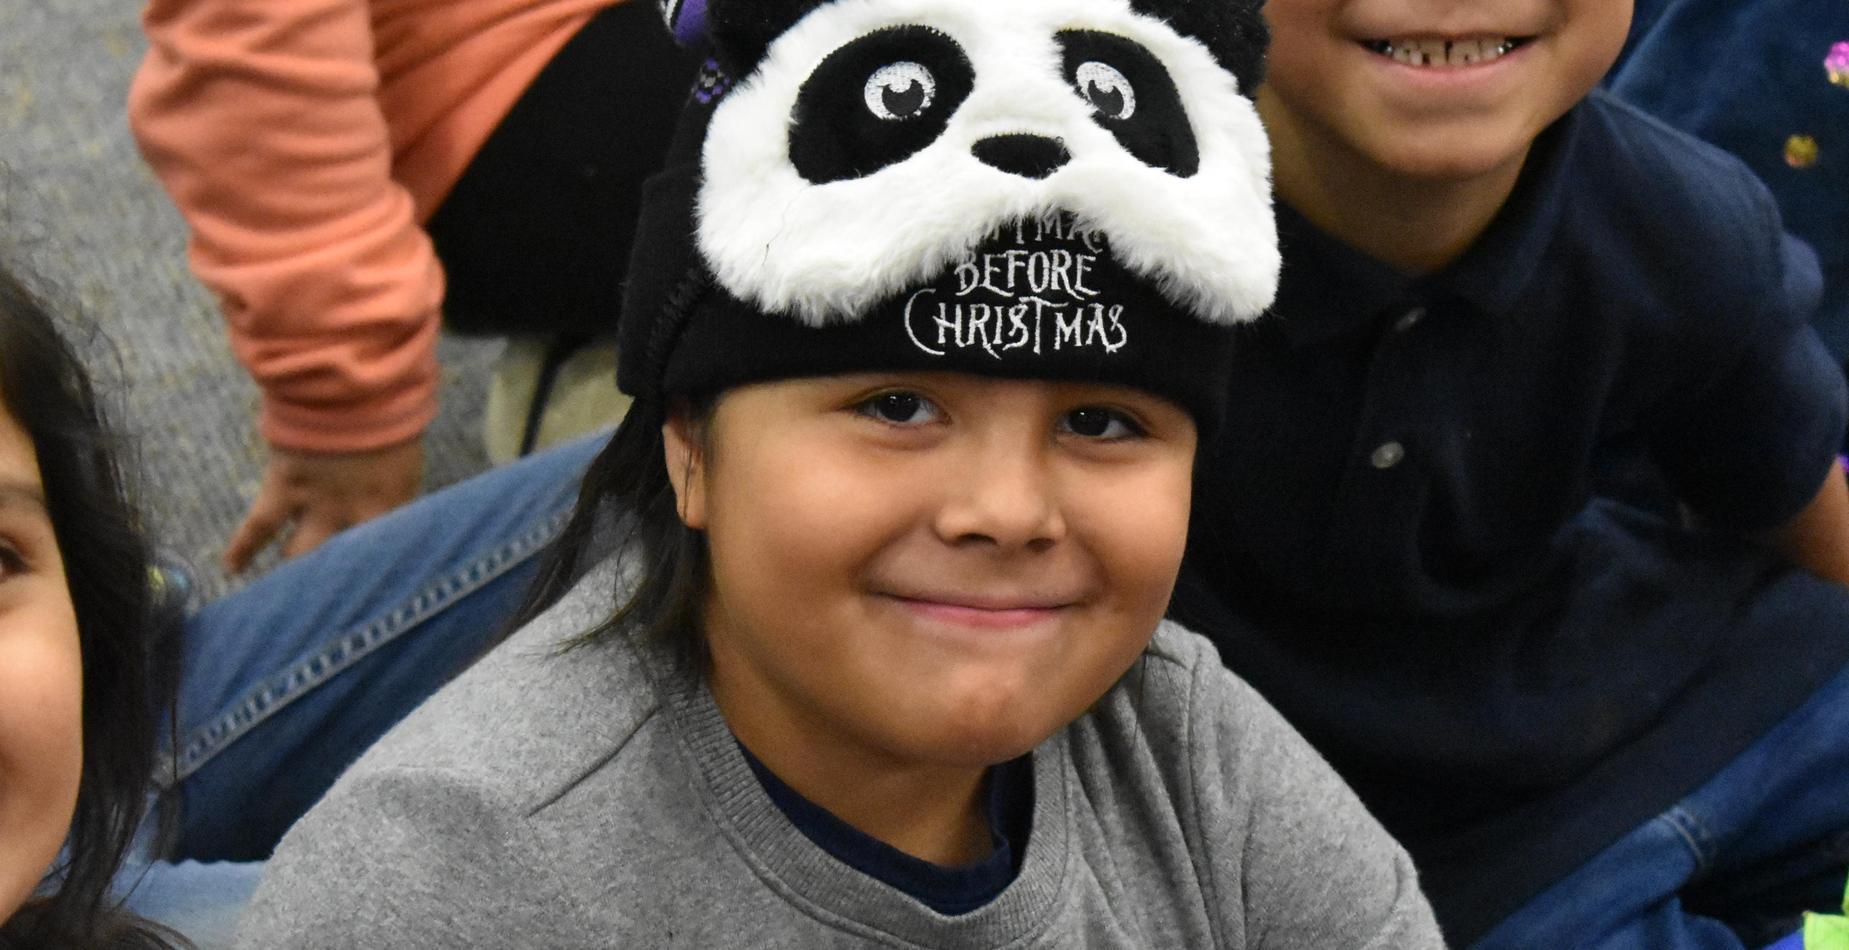 a little girl wearing a panda hat